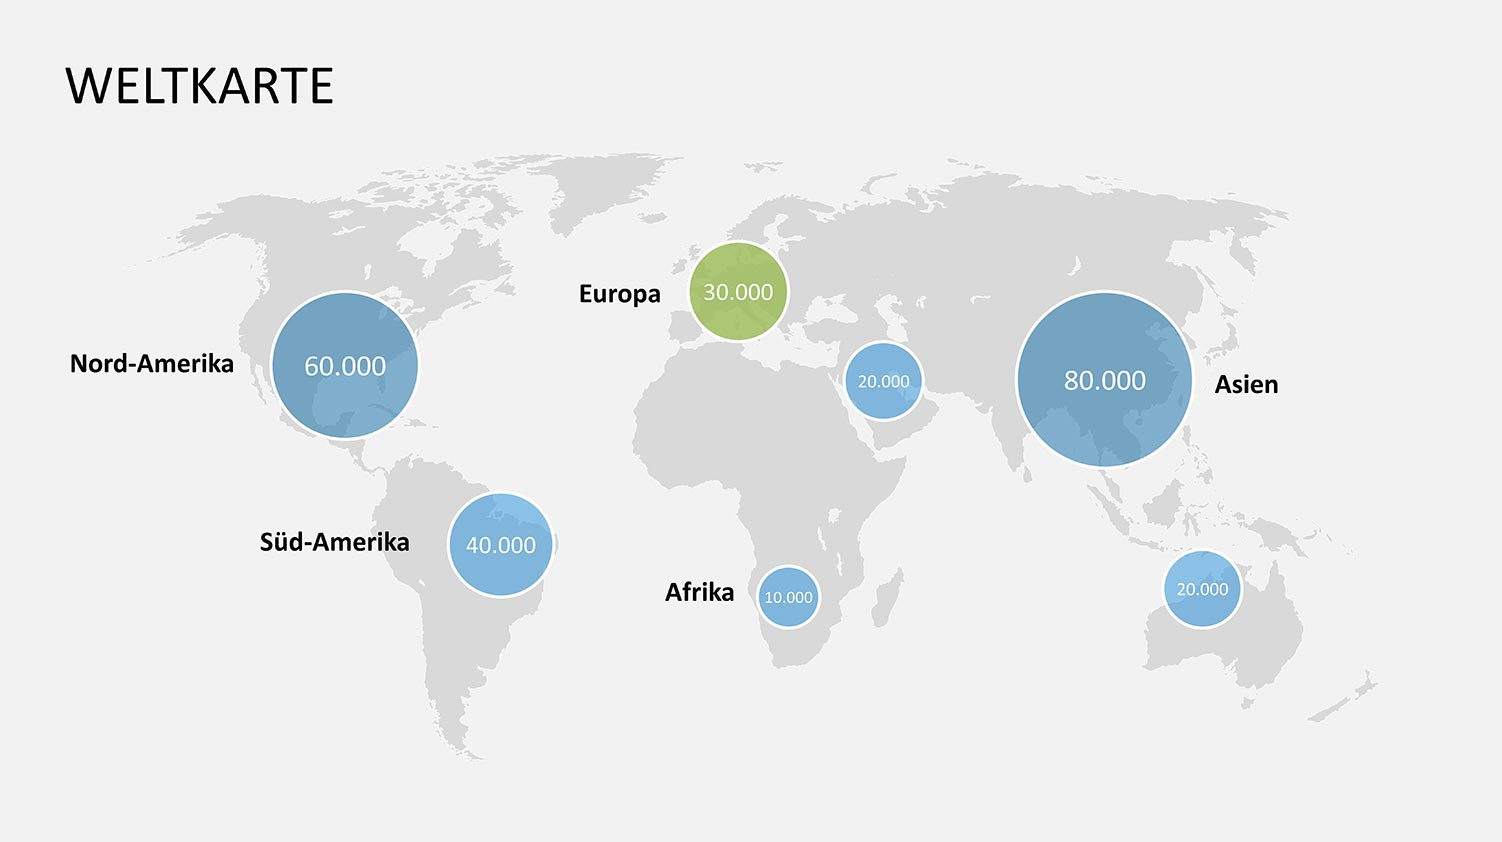 Weltkarte PowerPoint für Vertrieb und Vertriebspräsentationen